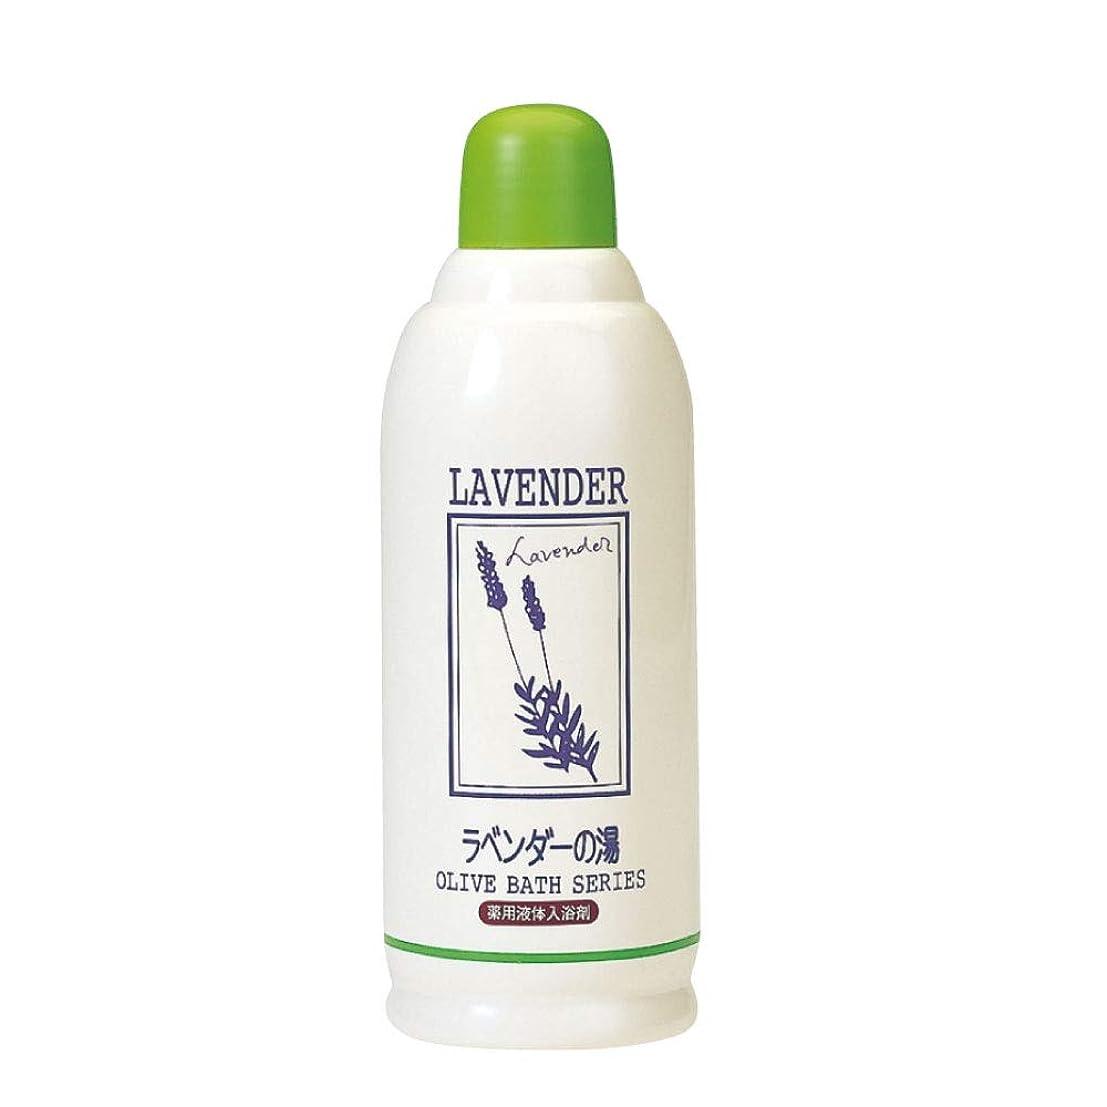 疲労詩灌漑薬用 オリーブの湯S ラベンダーの香り